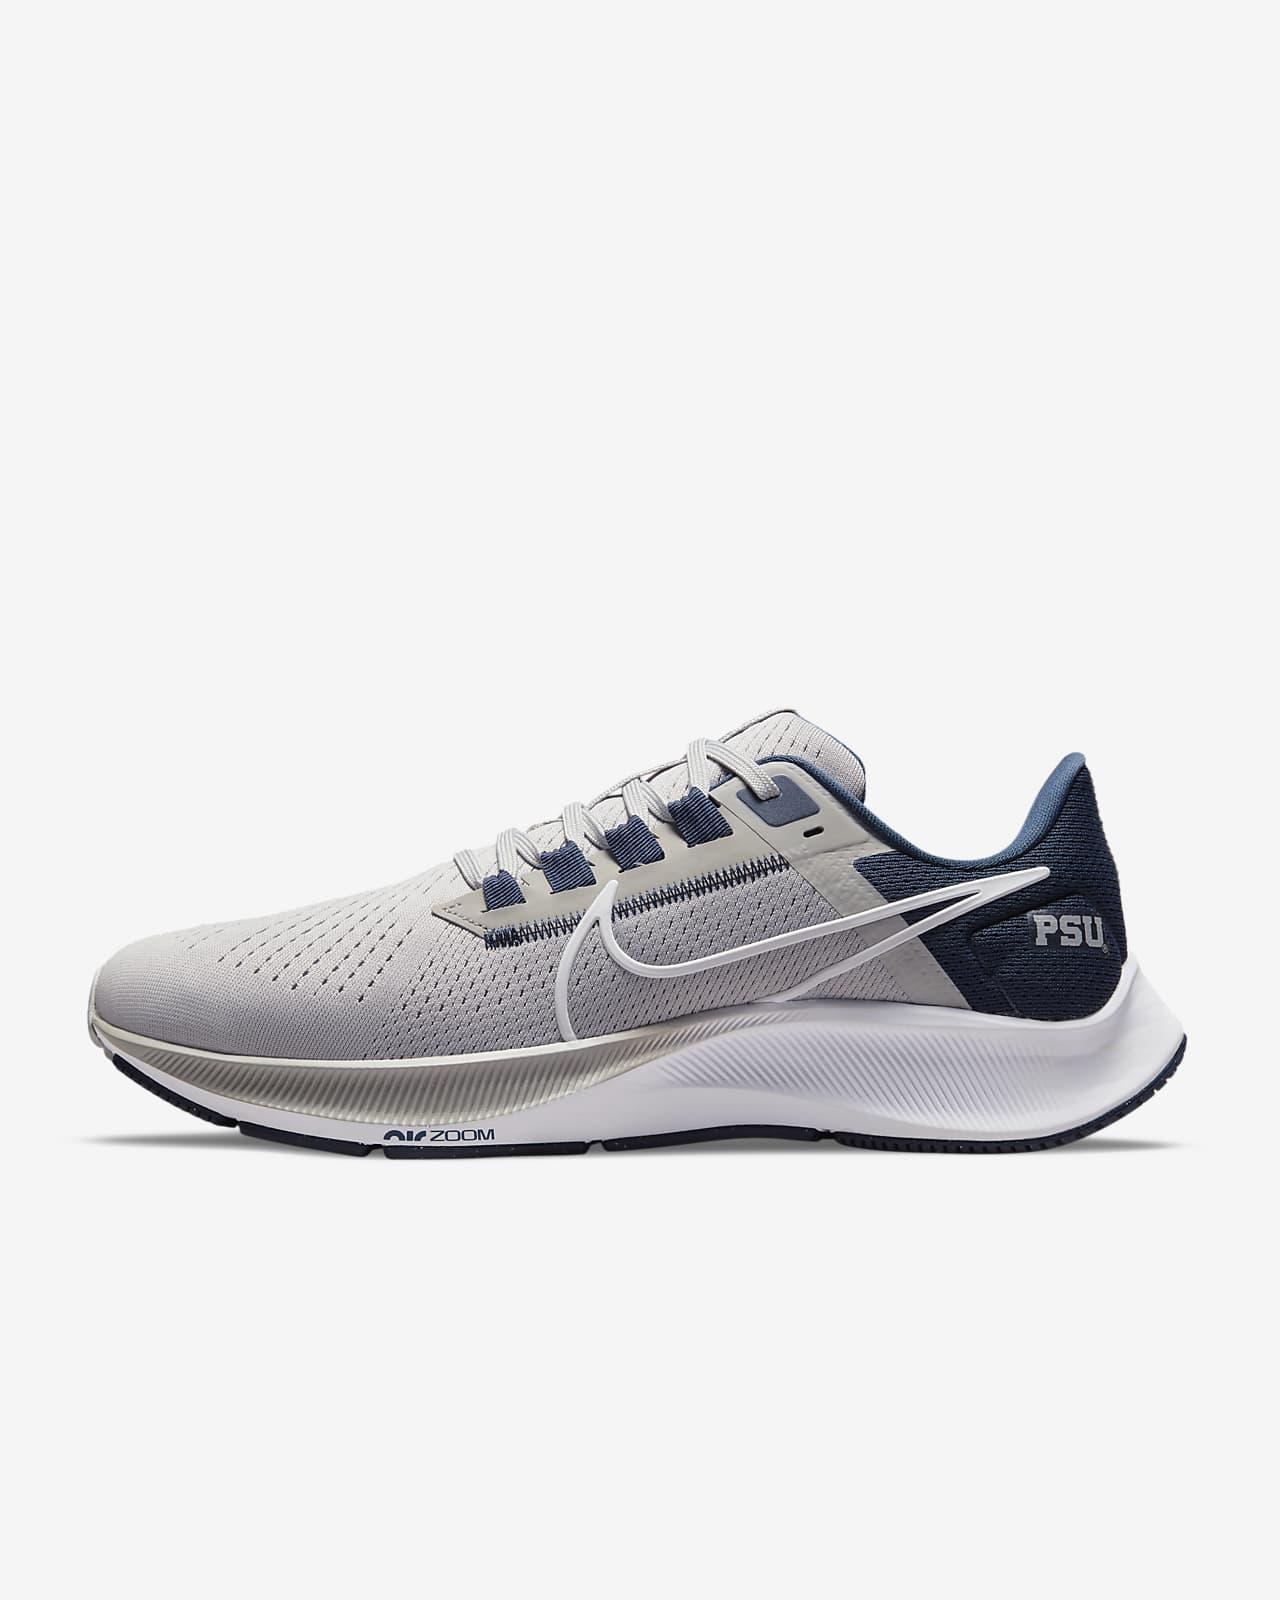 Nike College Air Zoom Pegasus 38 (Penn State) Running Shoe